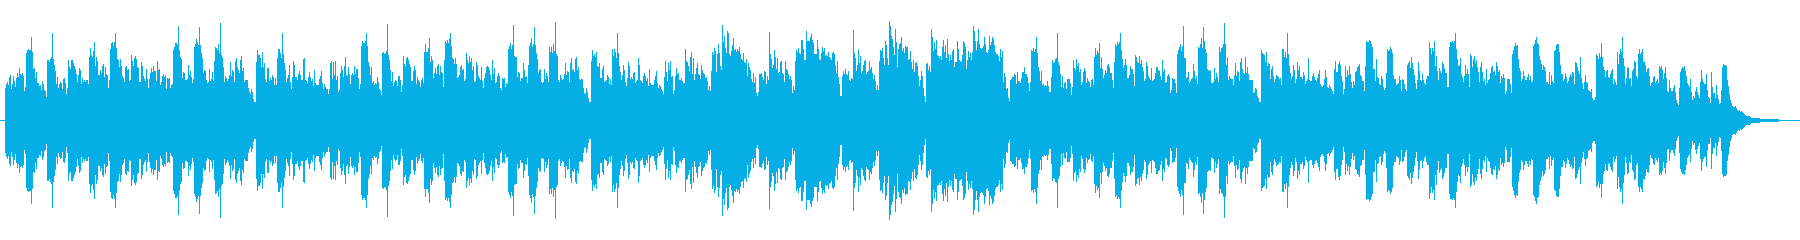 オカリナ・アコースティックギター、静bの再生済みの波形